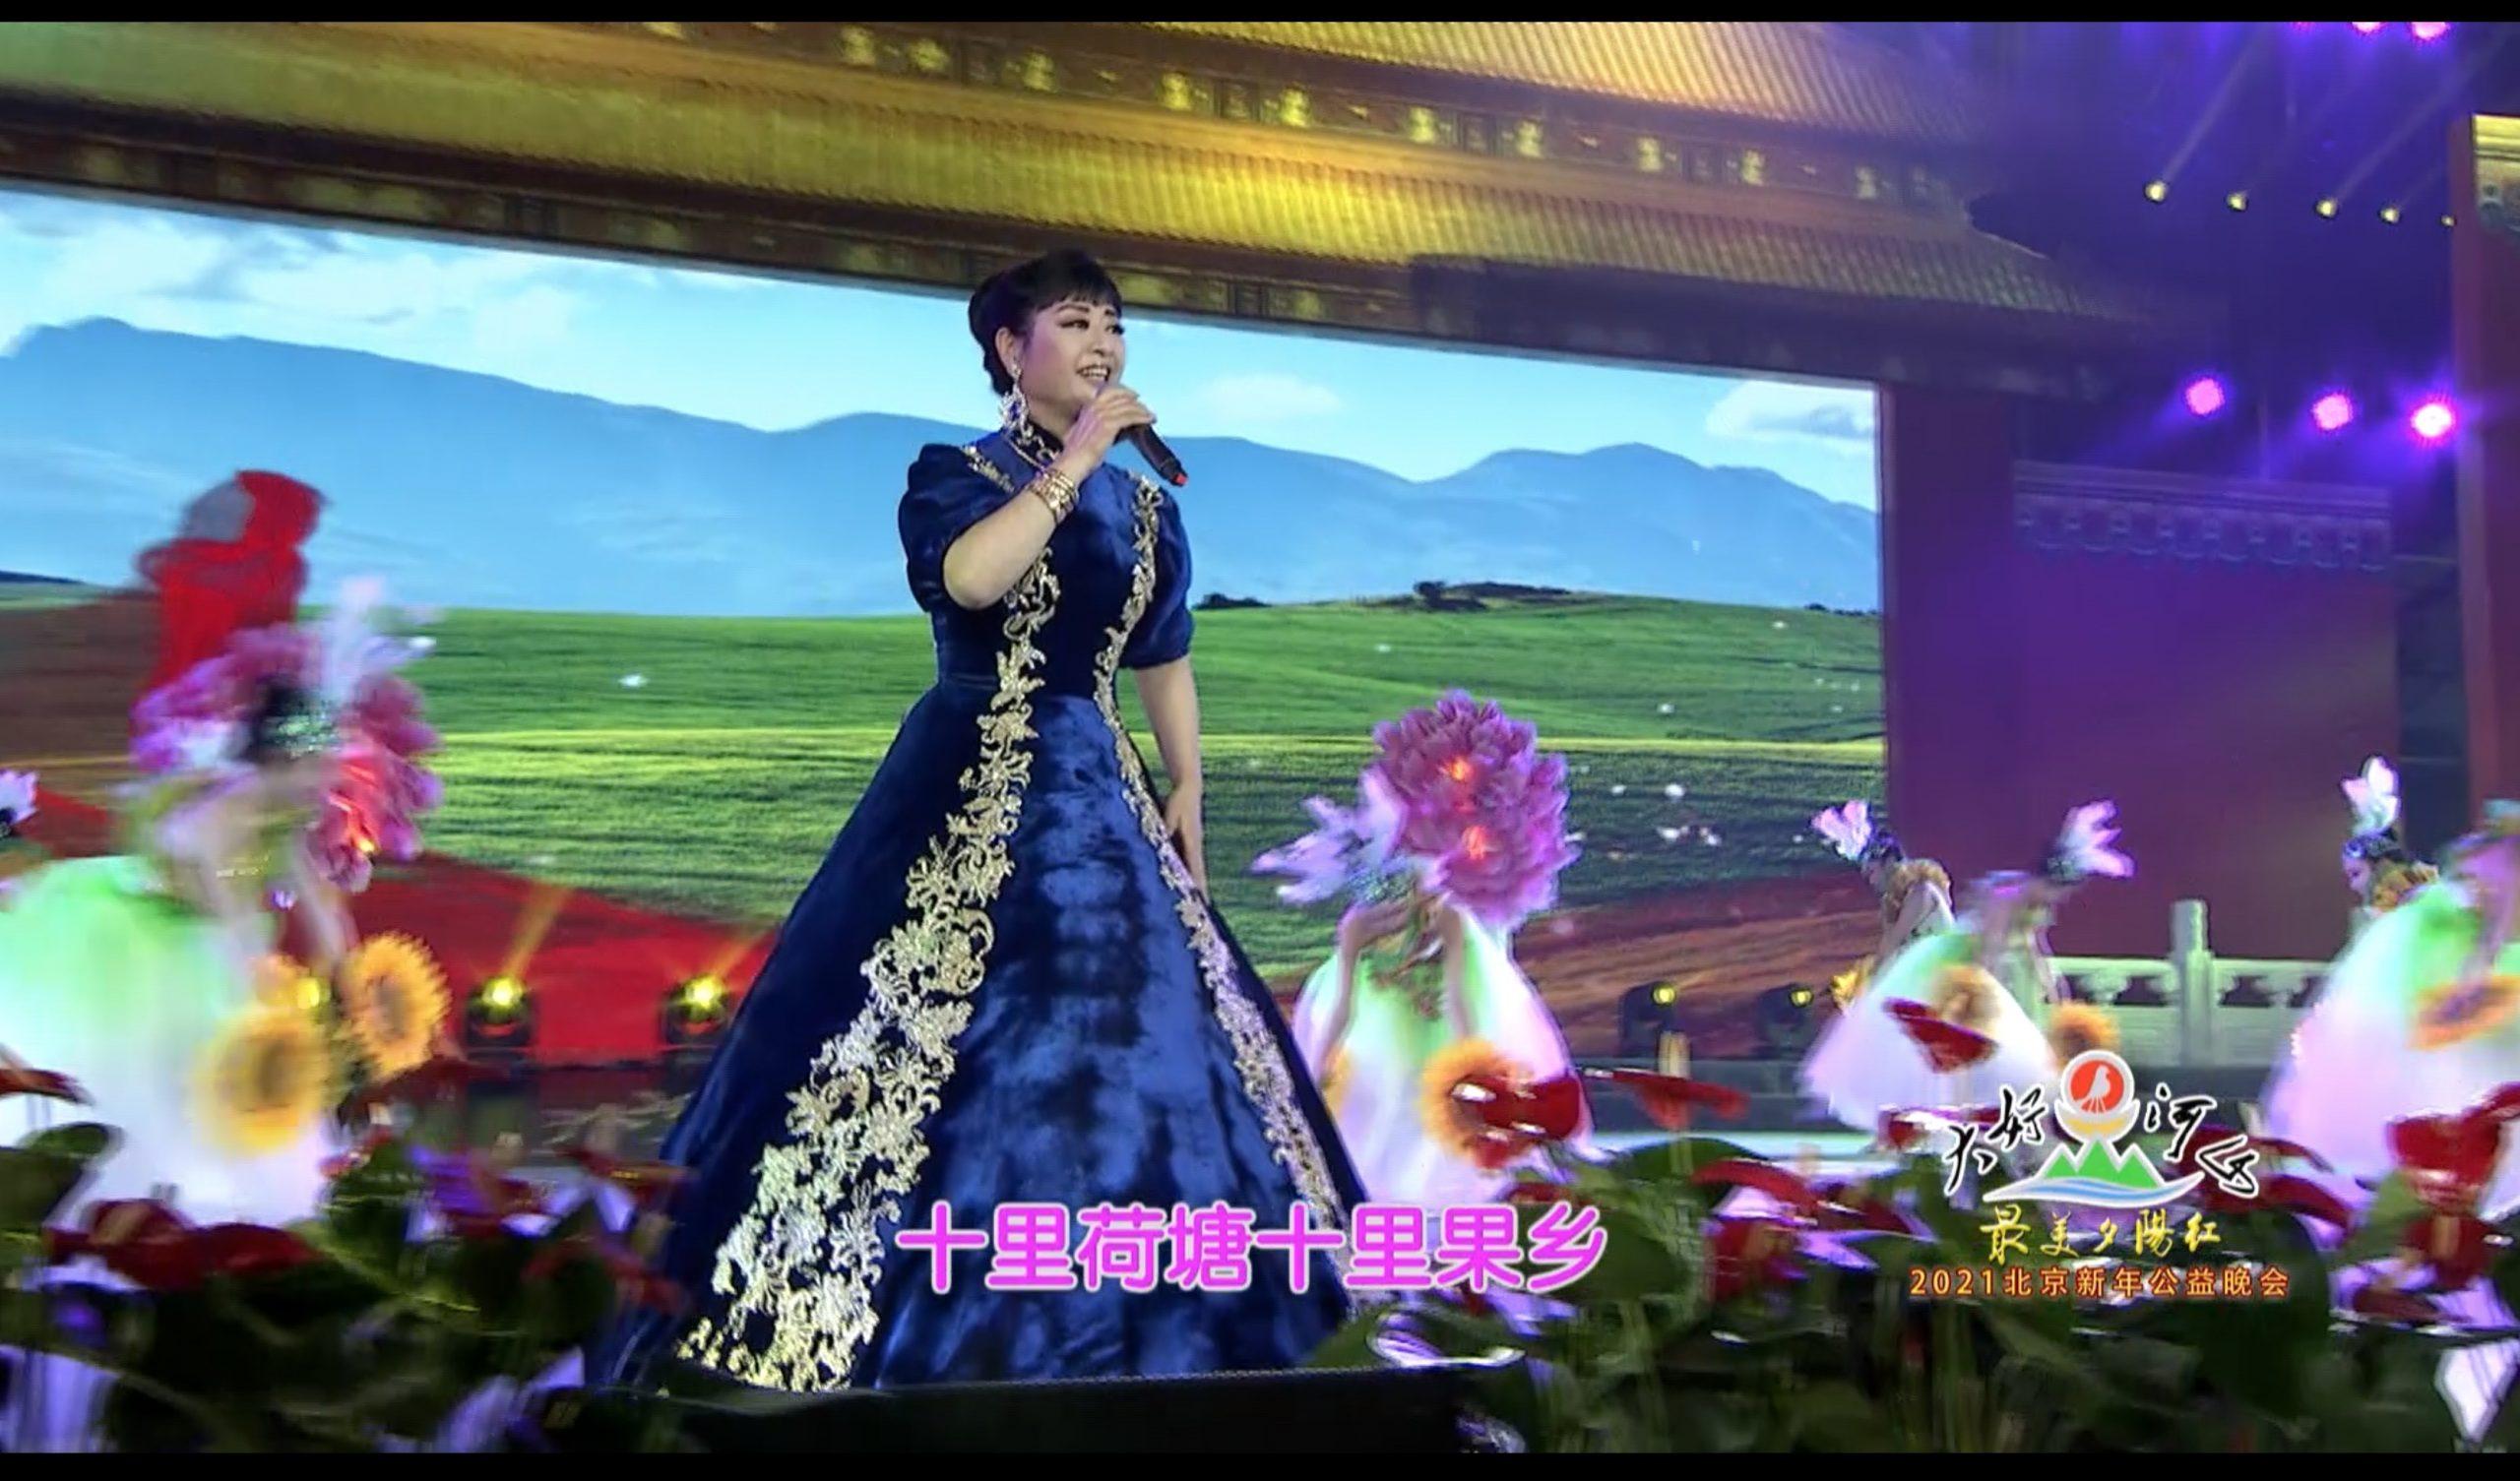 2021北京新年公益晚会 歌曲《在希望的田野上》殷秀梅